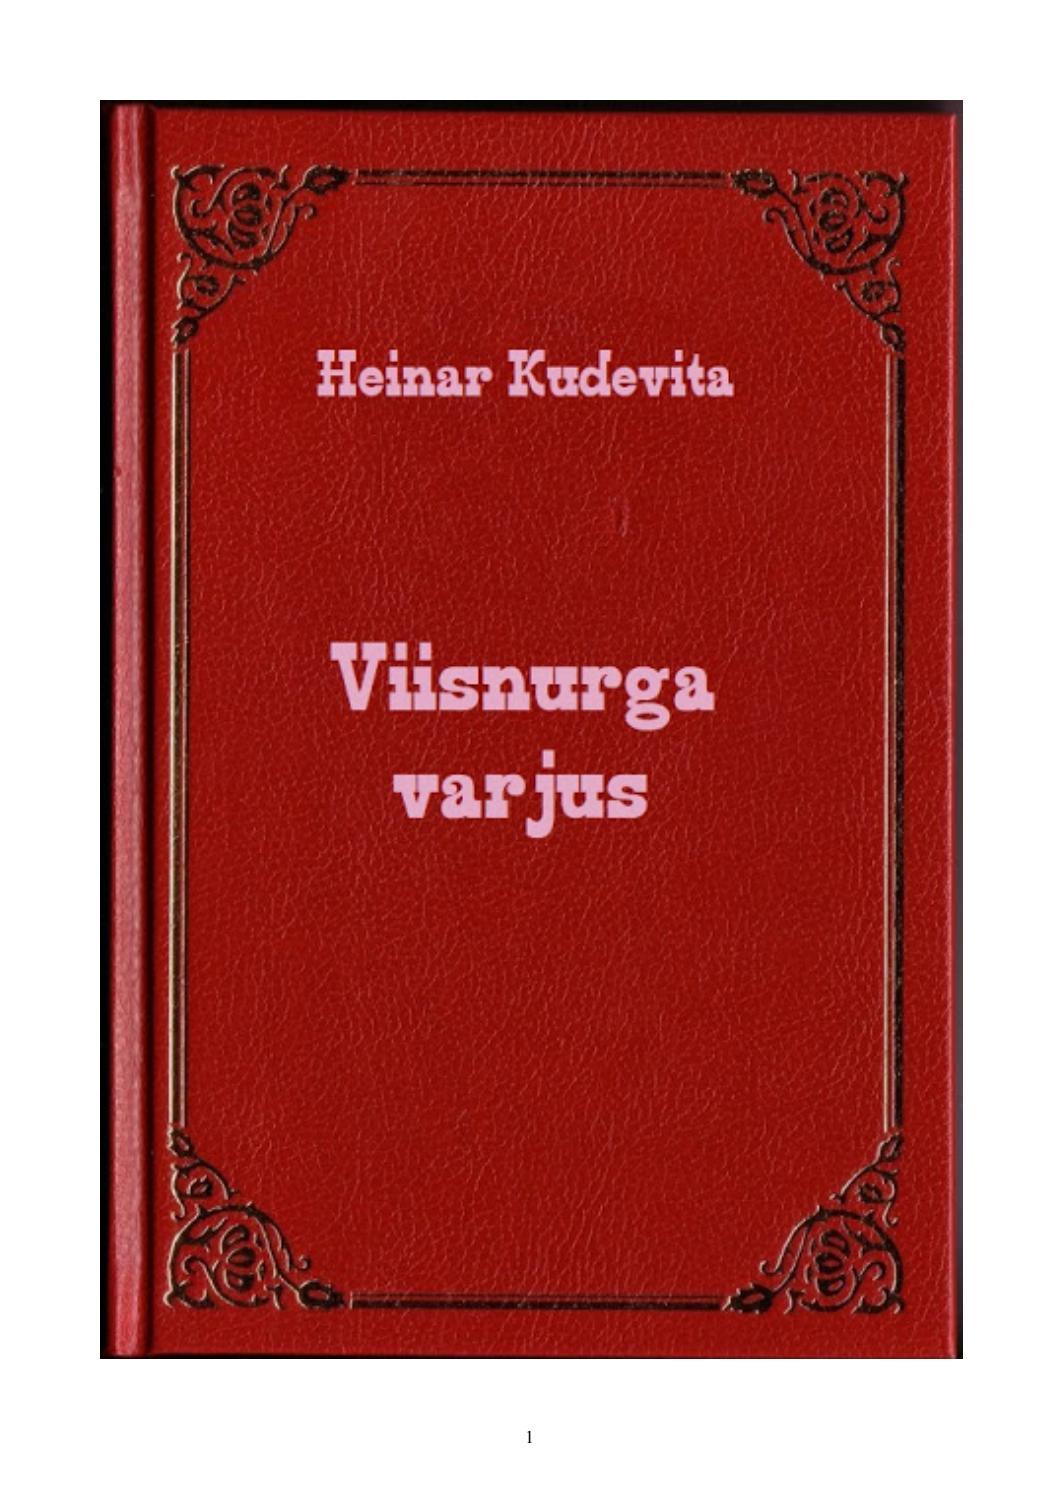 8f2c26fd0c9 Viisnurga varjus by Heinar Kudevita - issuu